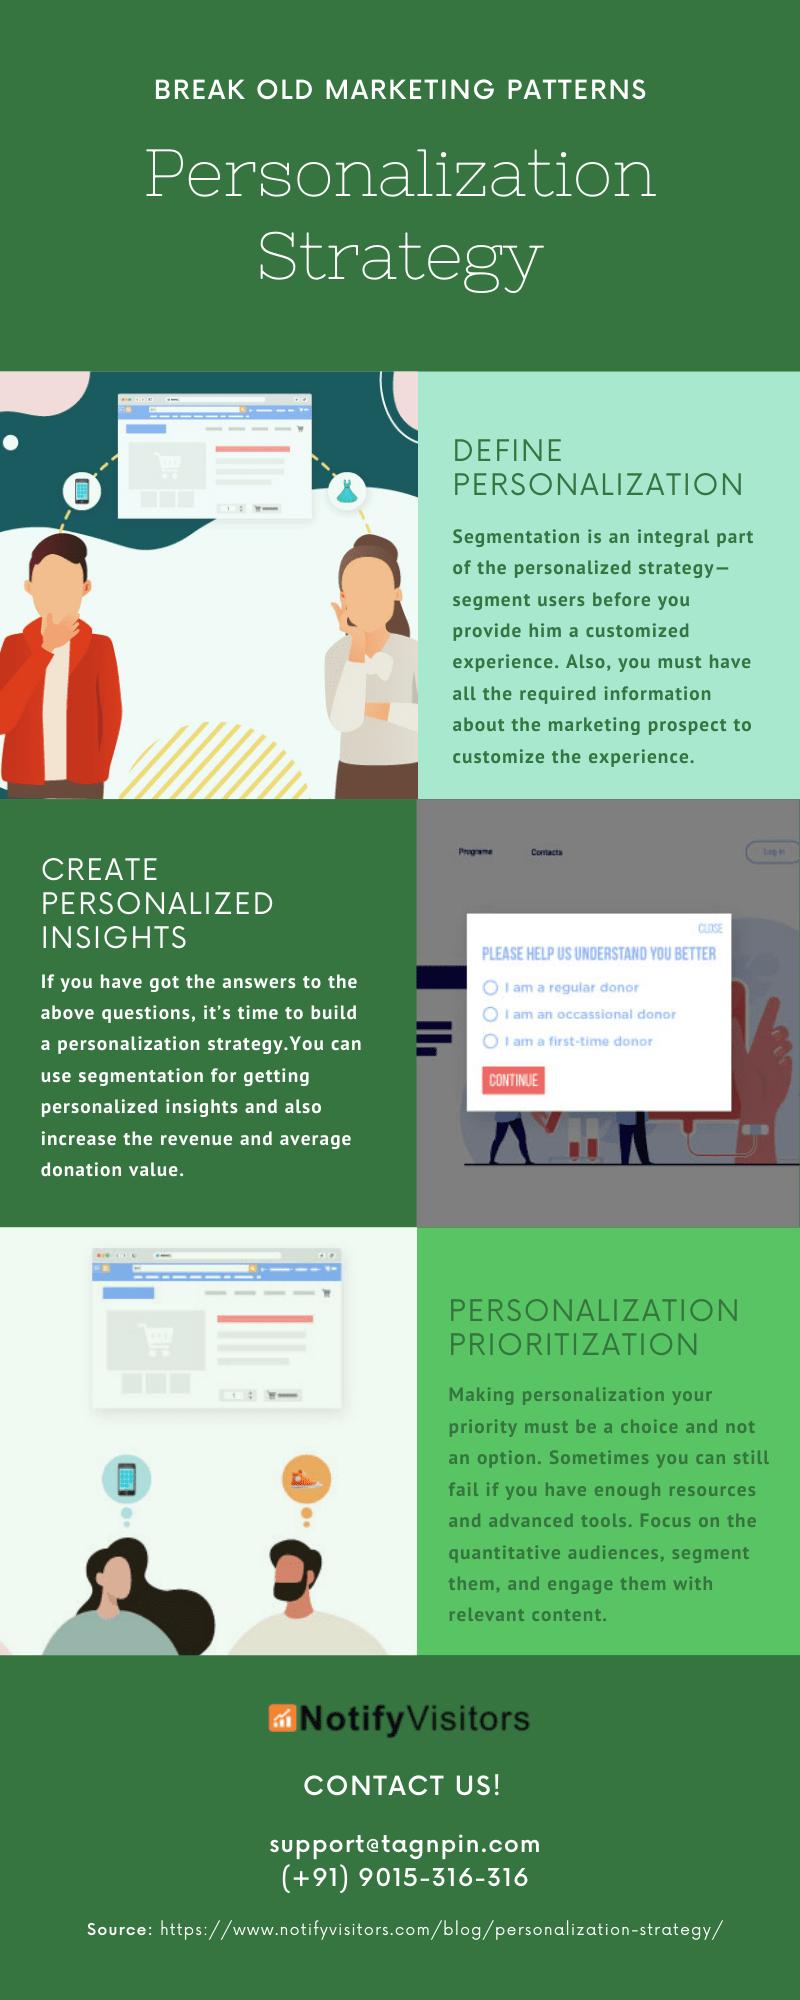 Smart Personalization Strategy: